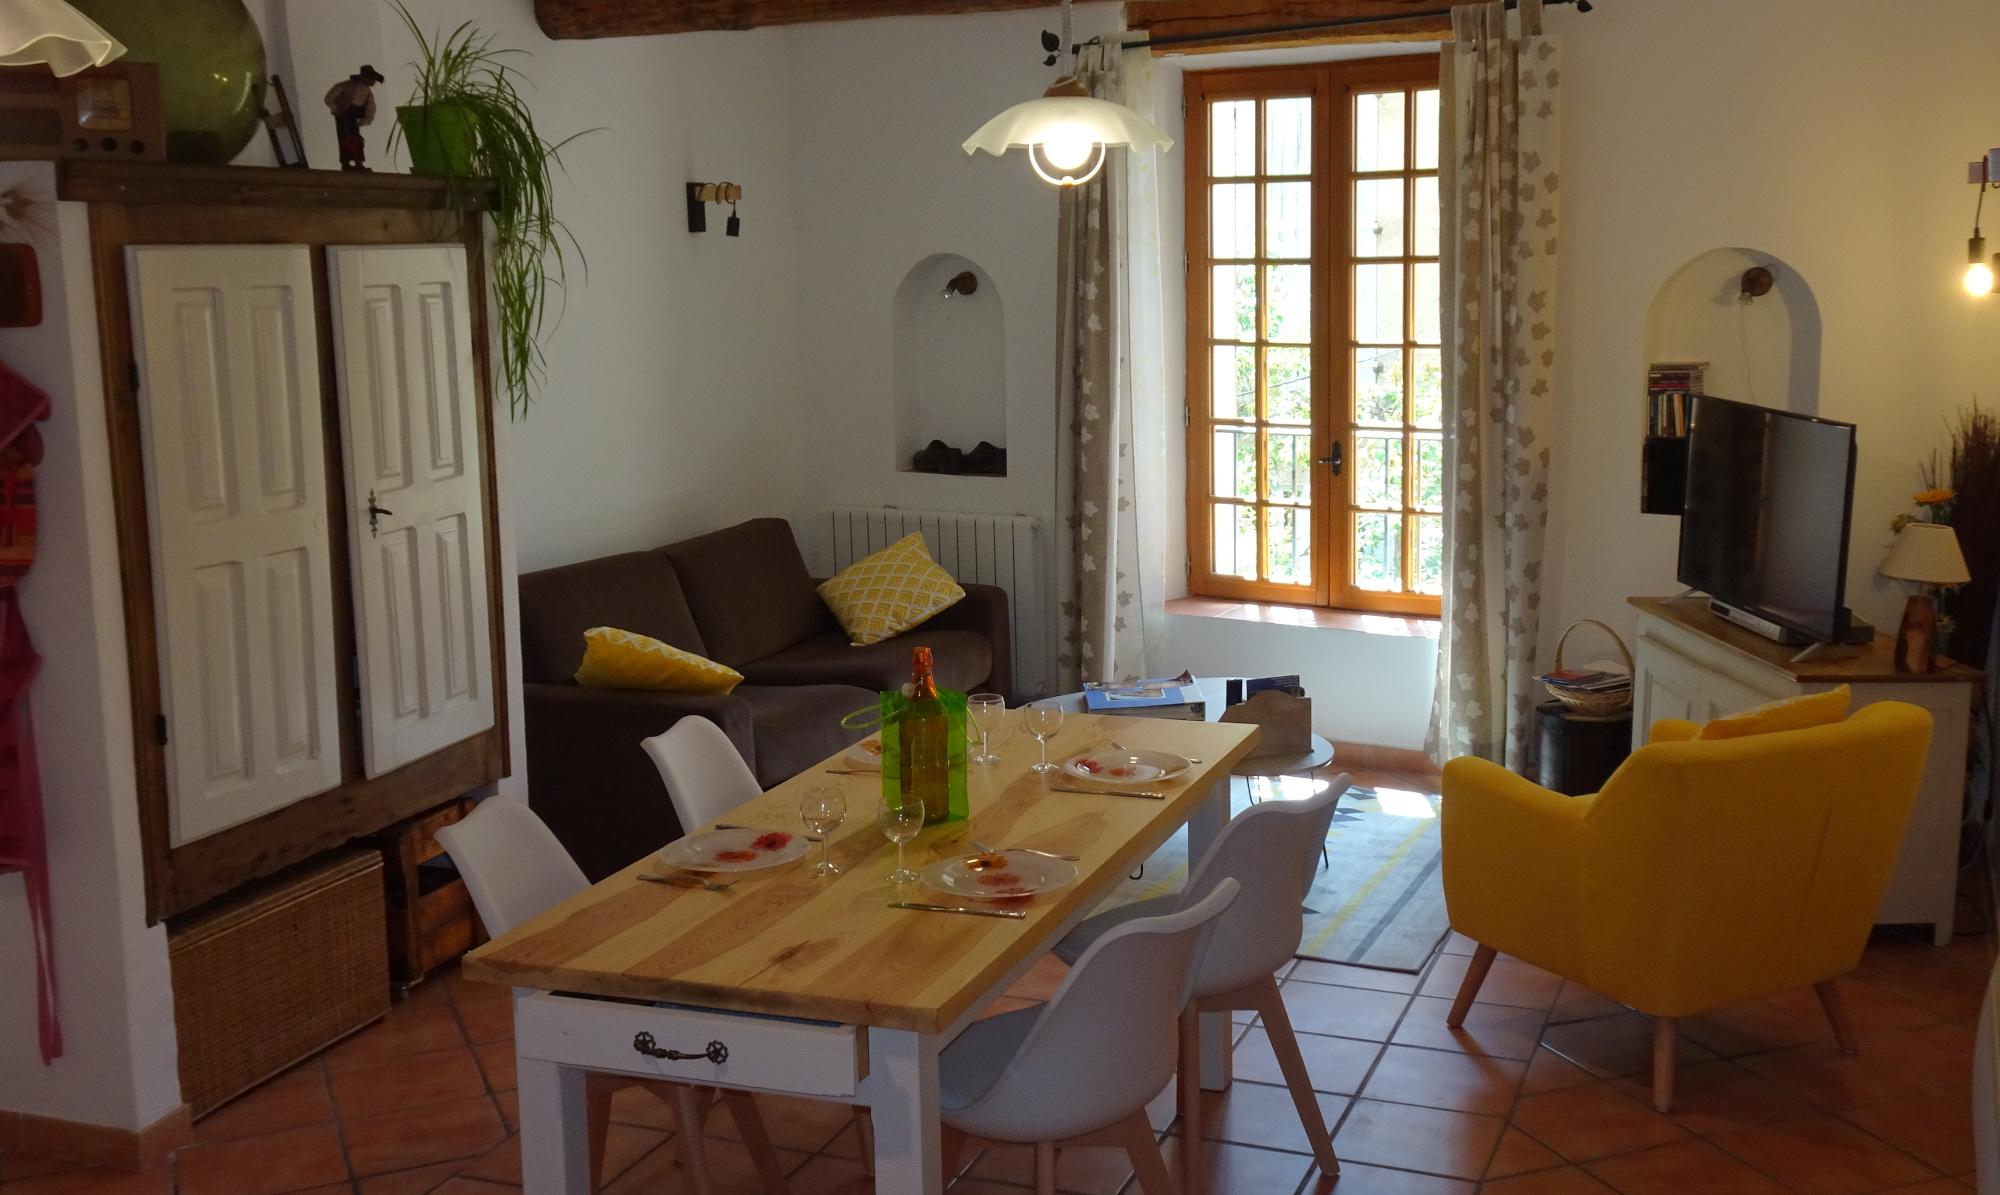 Location de vacances appartement pour 4 à Moustiers Sainte Marie